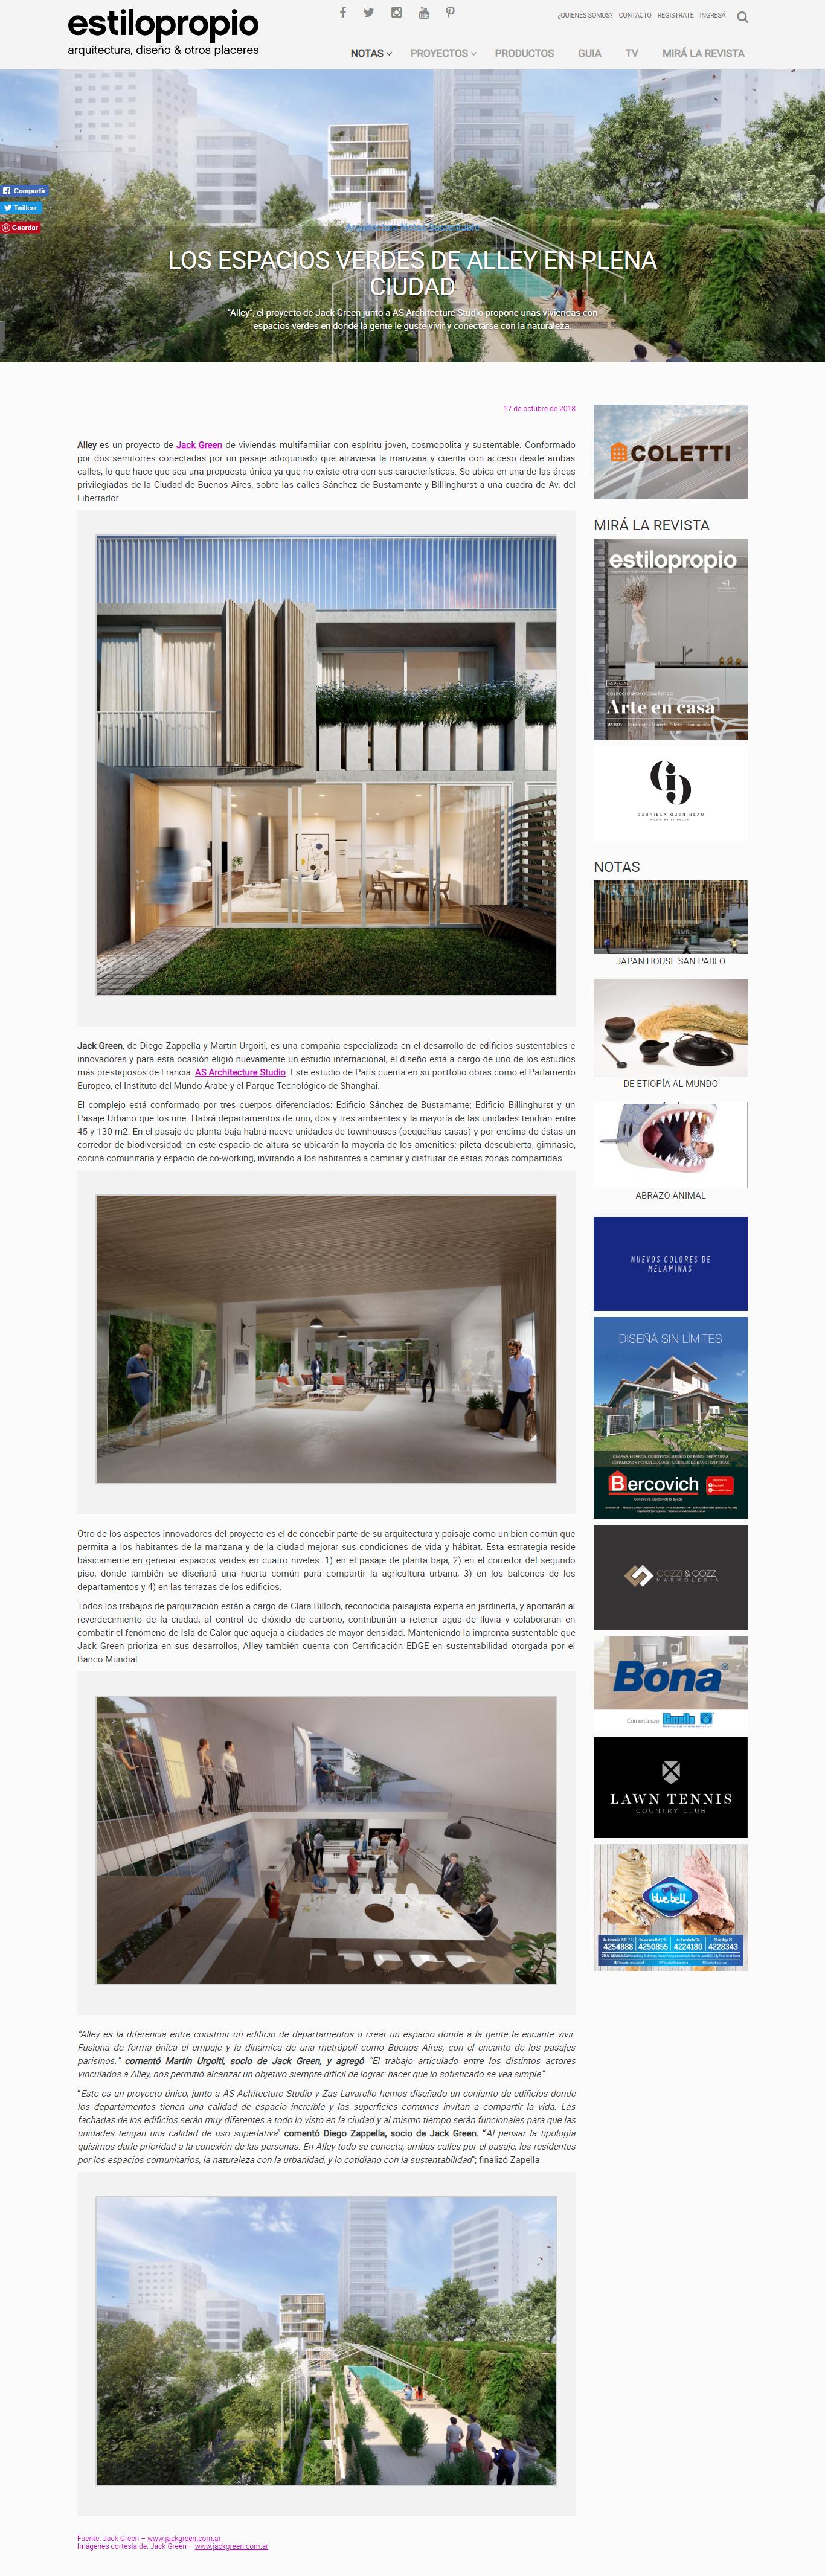 17-10-2018- Revista Estilo Propio - Los espacios verdes de Alley en plena ciudad